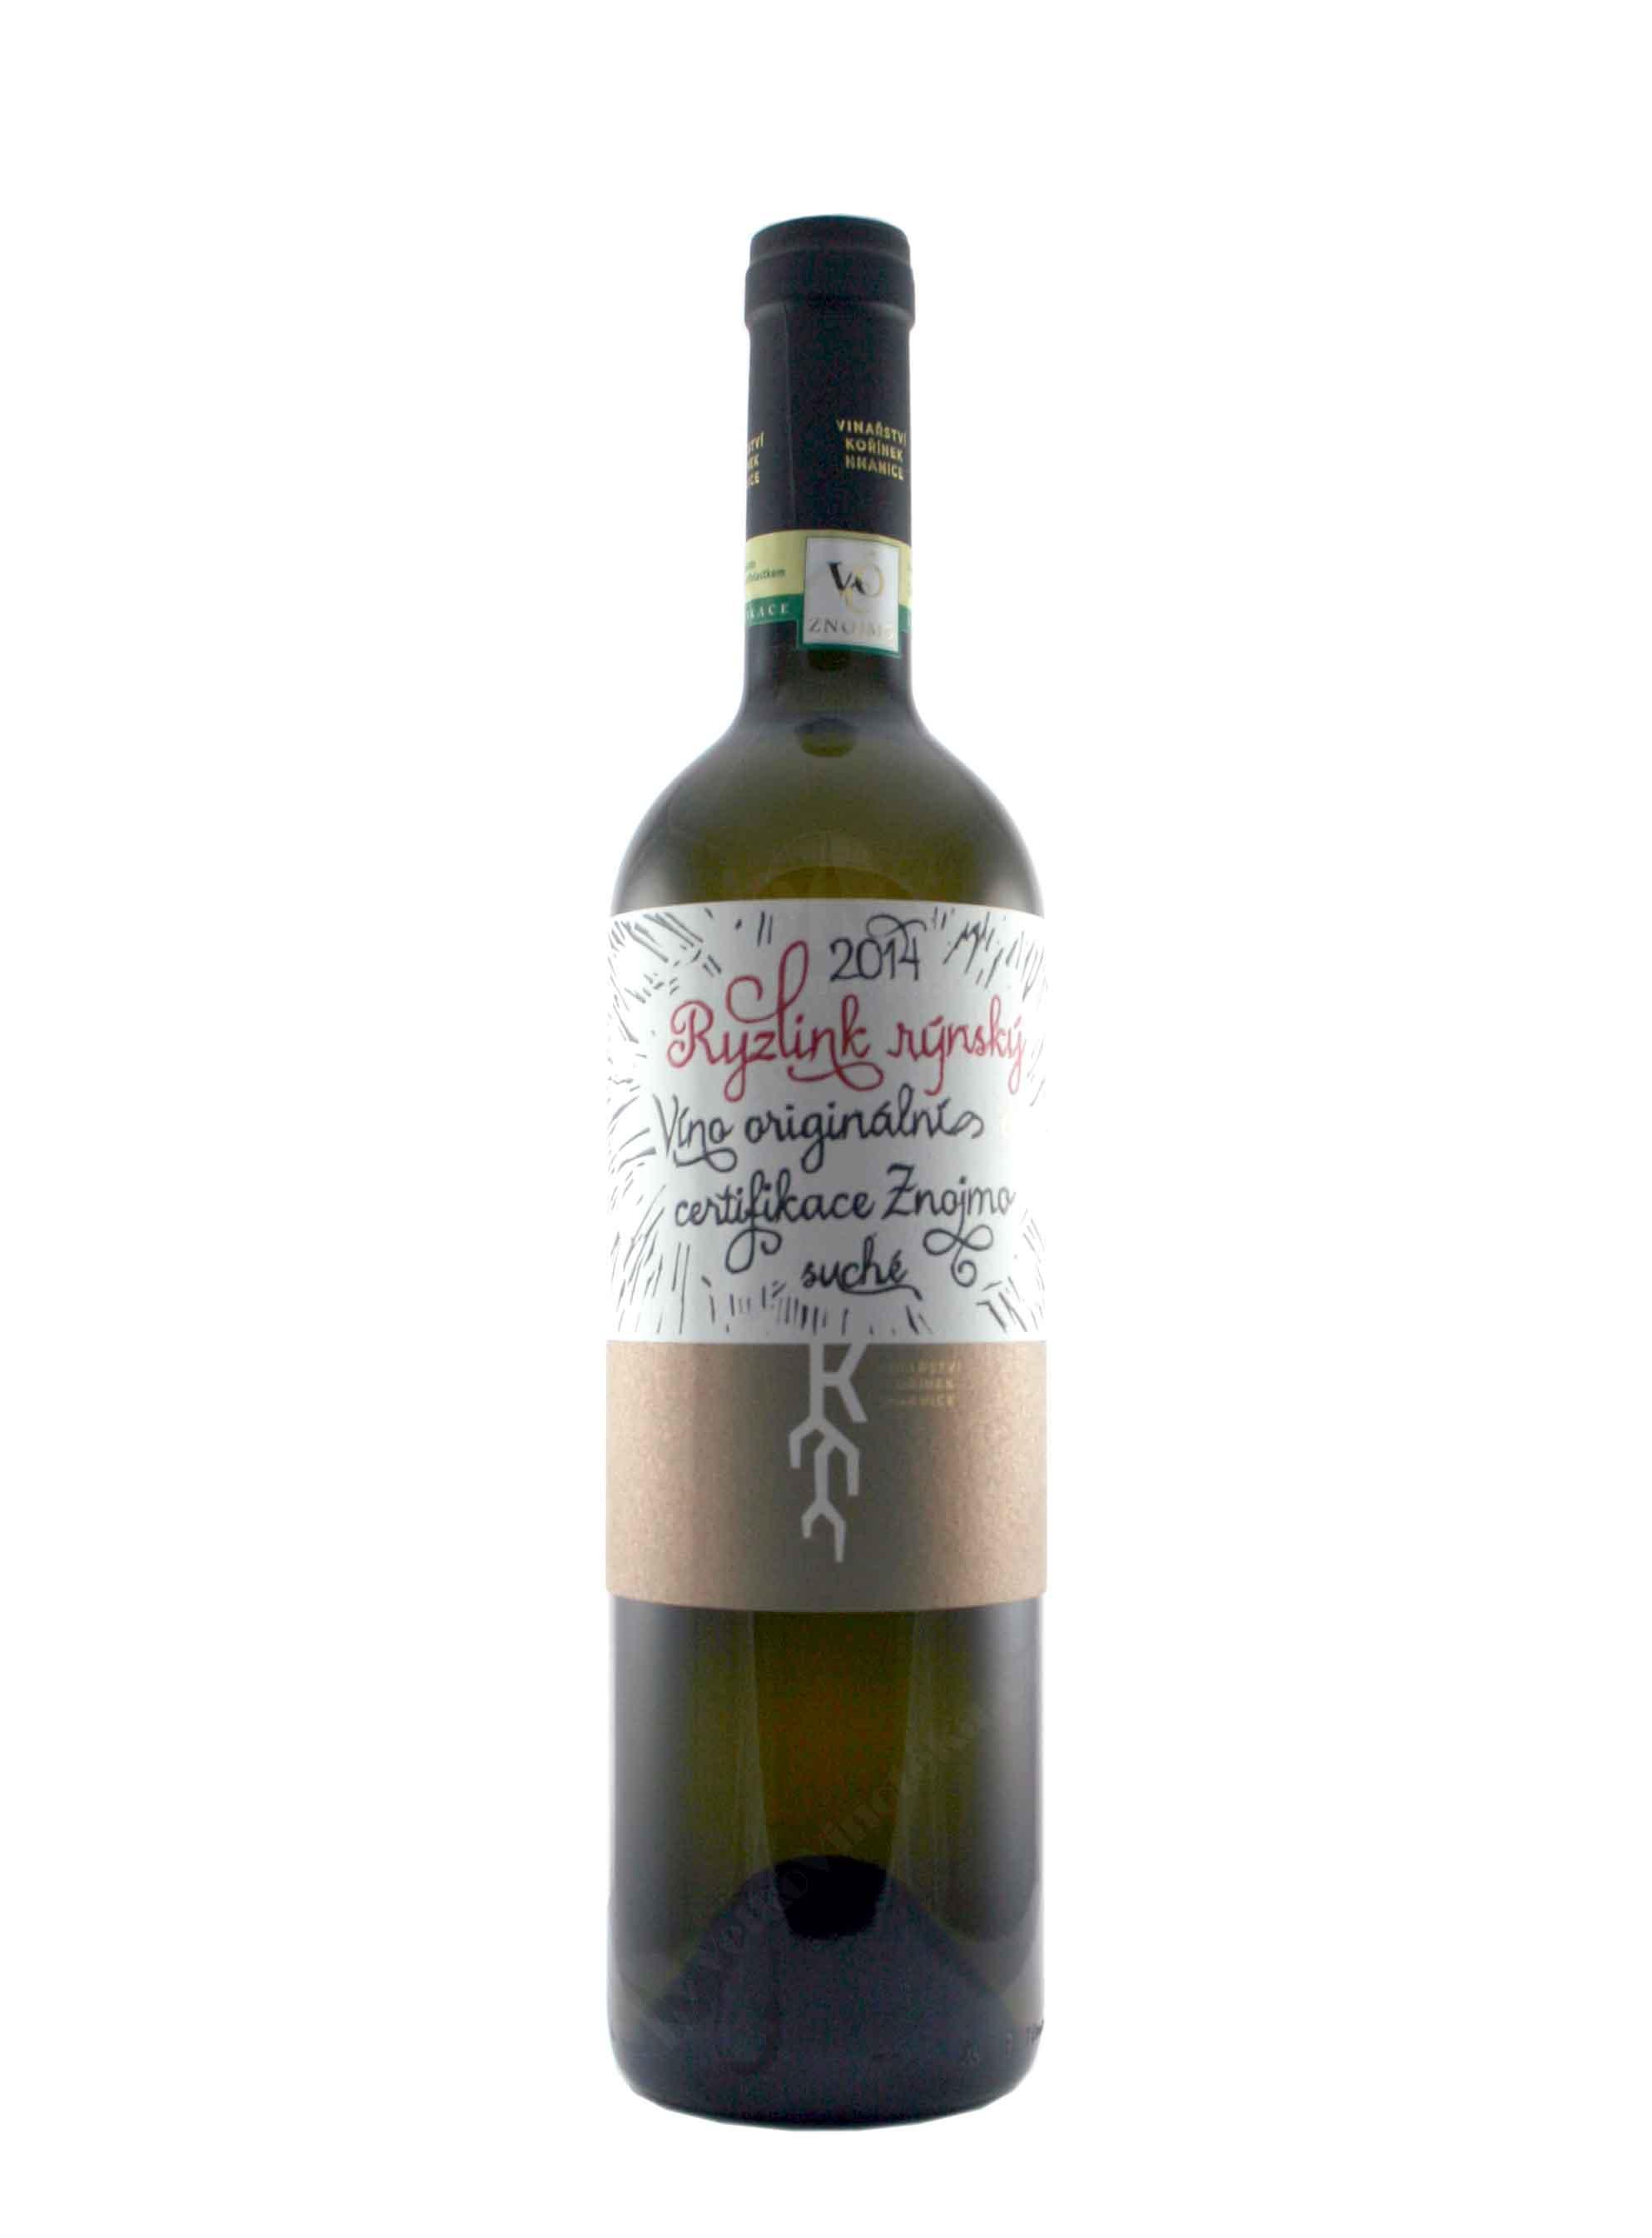 Ryzlink rýnský, Premium, VOC, 2014, Vinařství Kořínek, 0.75 l